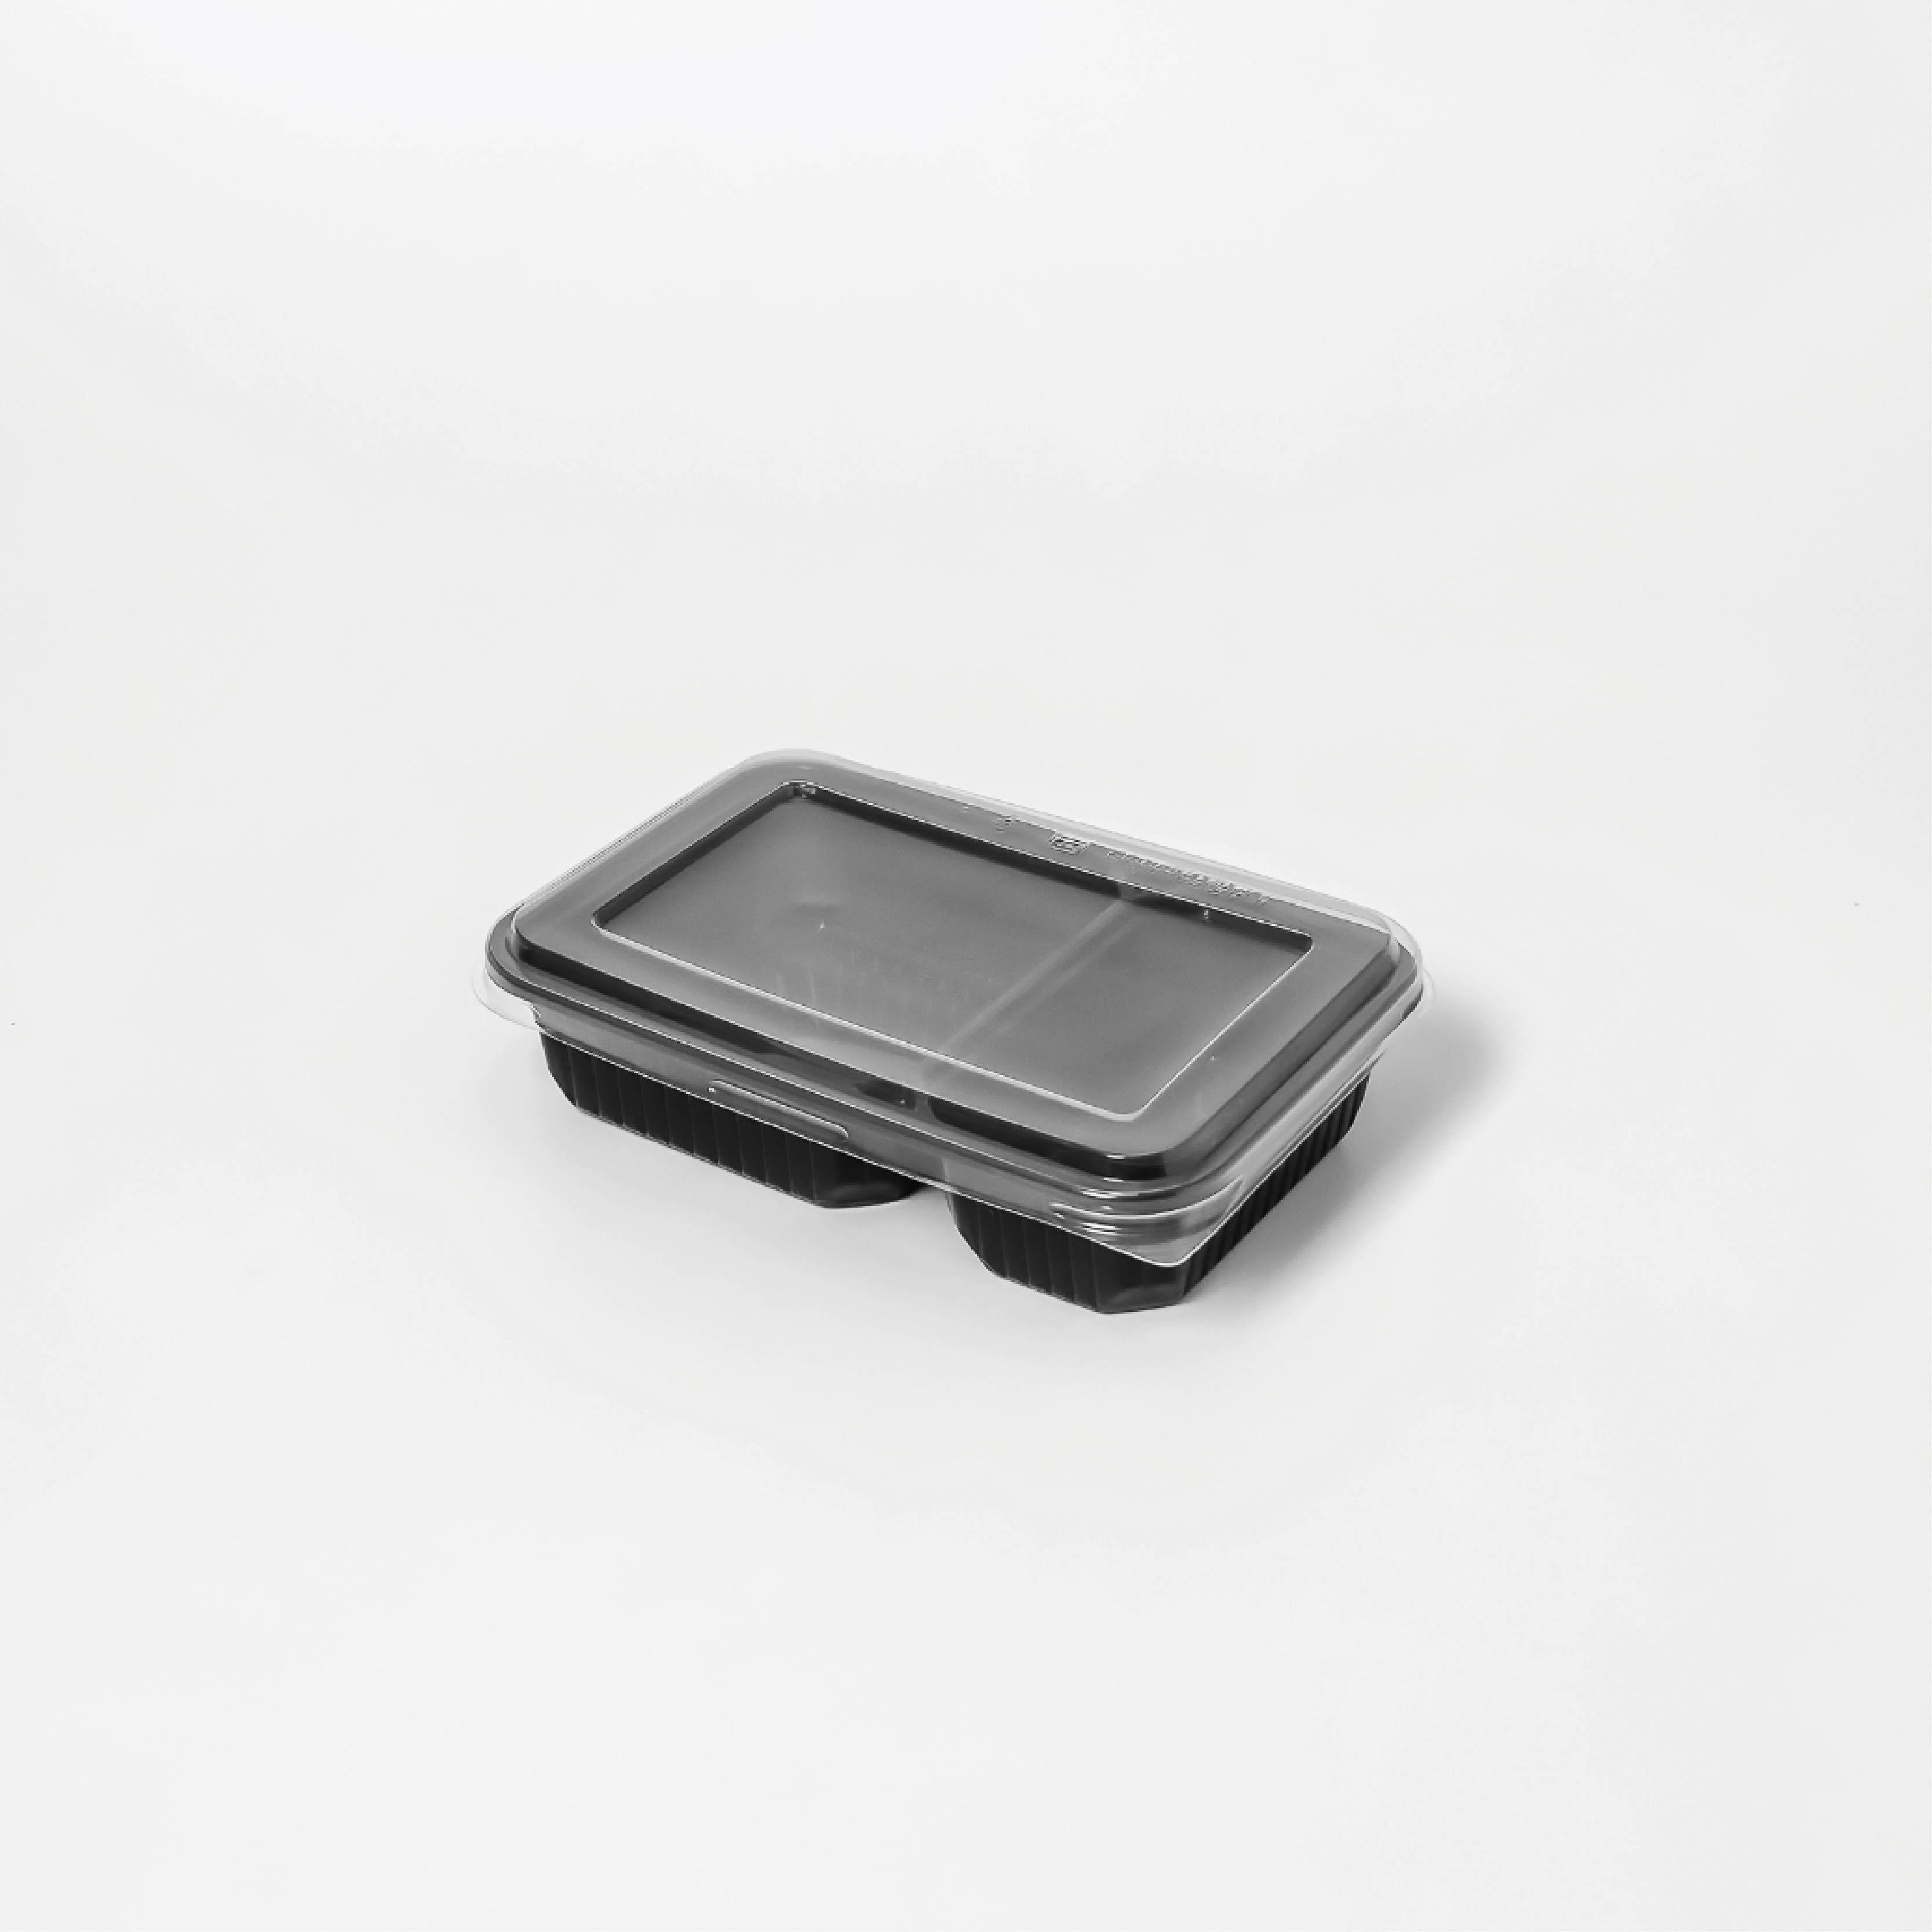 กล่องอาหารพลาสติก 2 ช่อง 500ml (ฝาไร้ฝ้า)